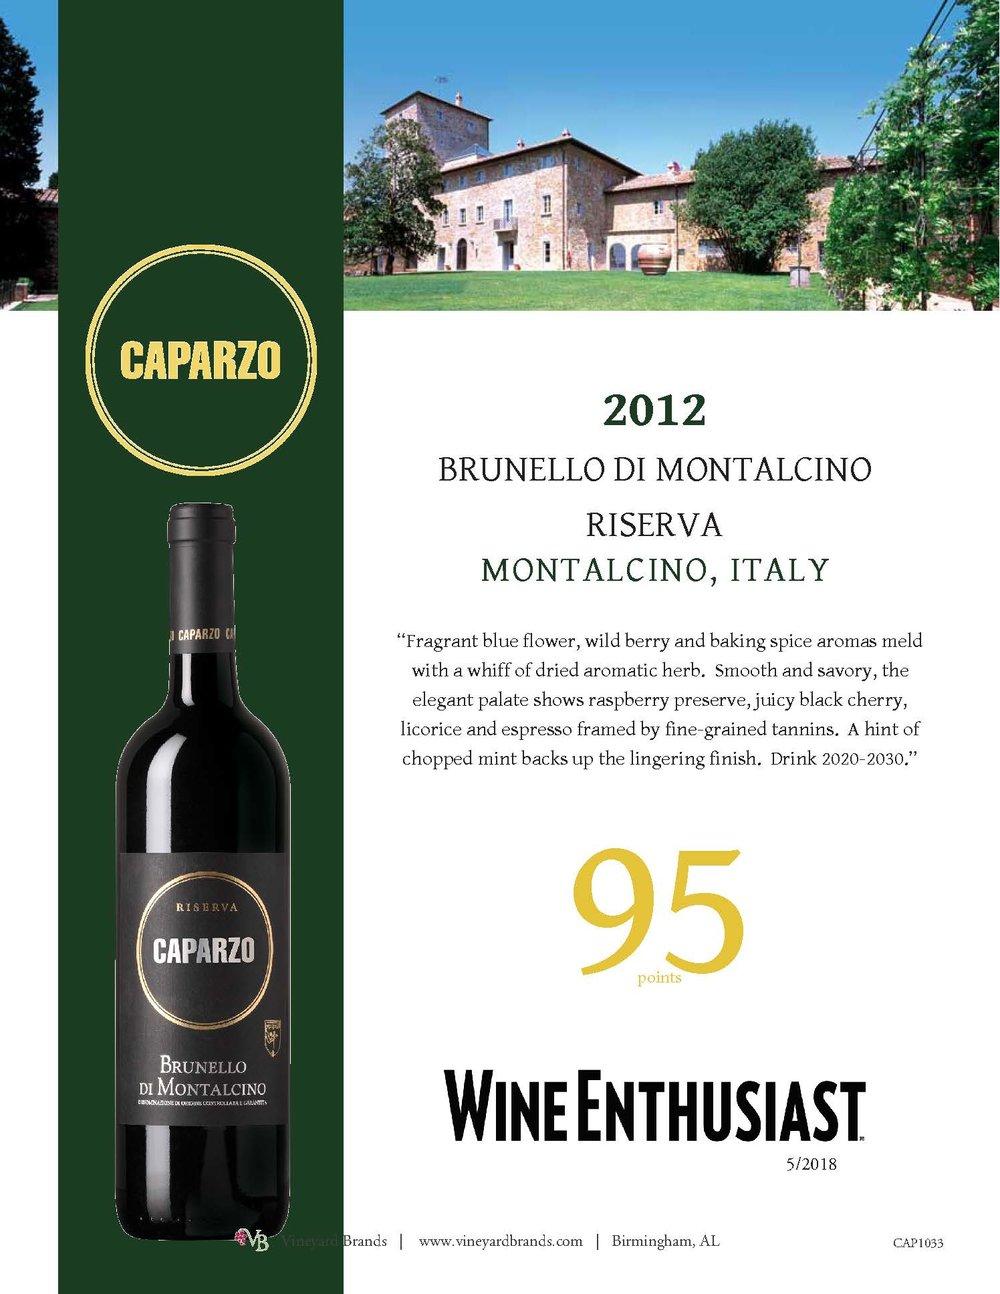 Caparzo 2012 Brunello di Montalcino riserva .jpg